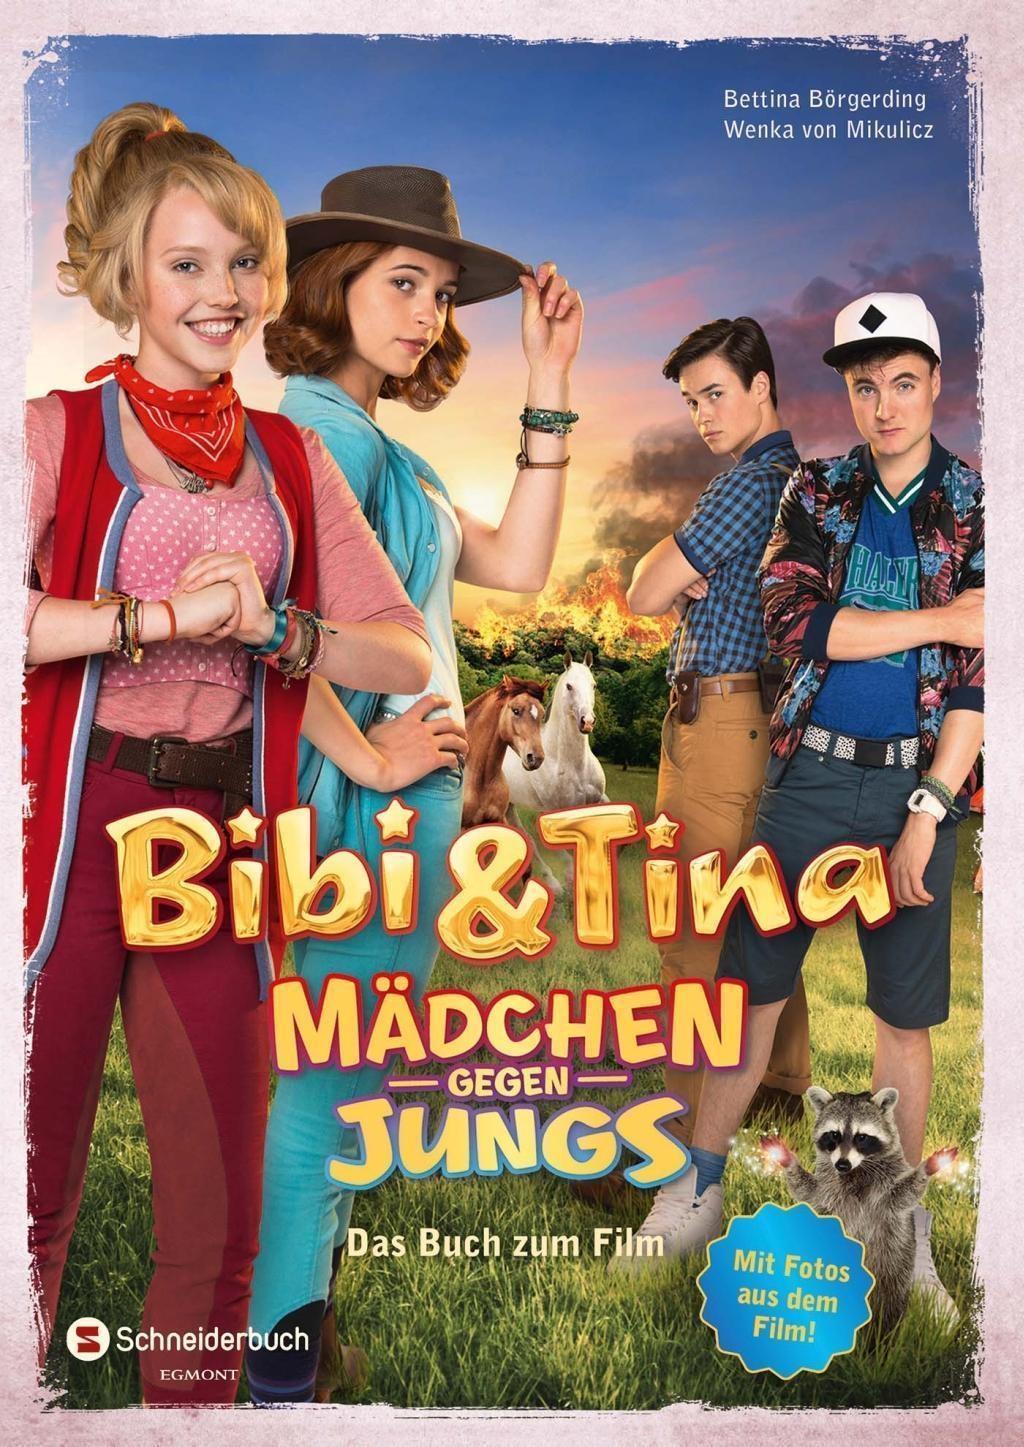 Bibi & Tina: Mädchen gegen Jungs - Das Buch zum Film - Bettina Börgerding, Wenka von Mikulicz